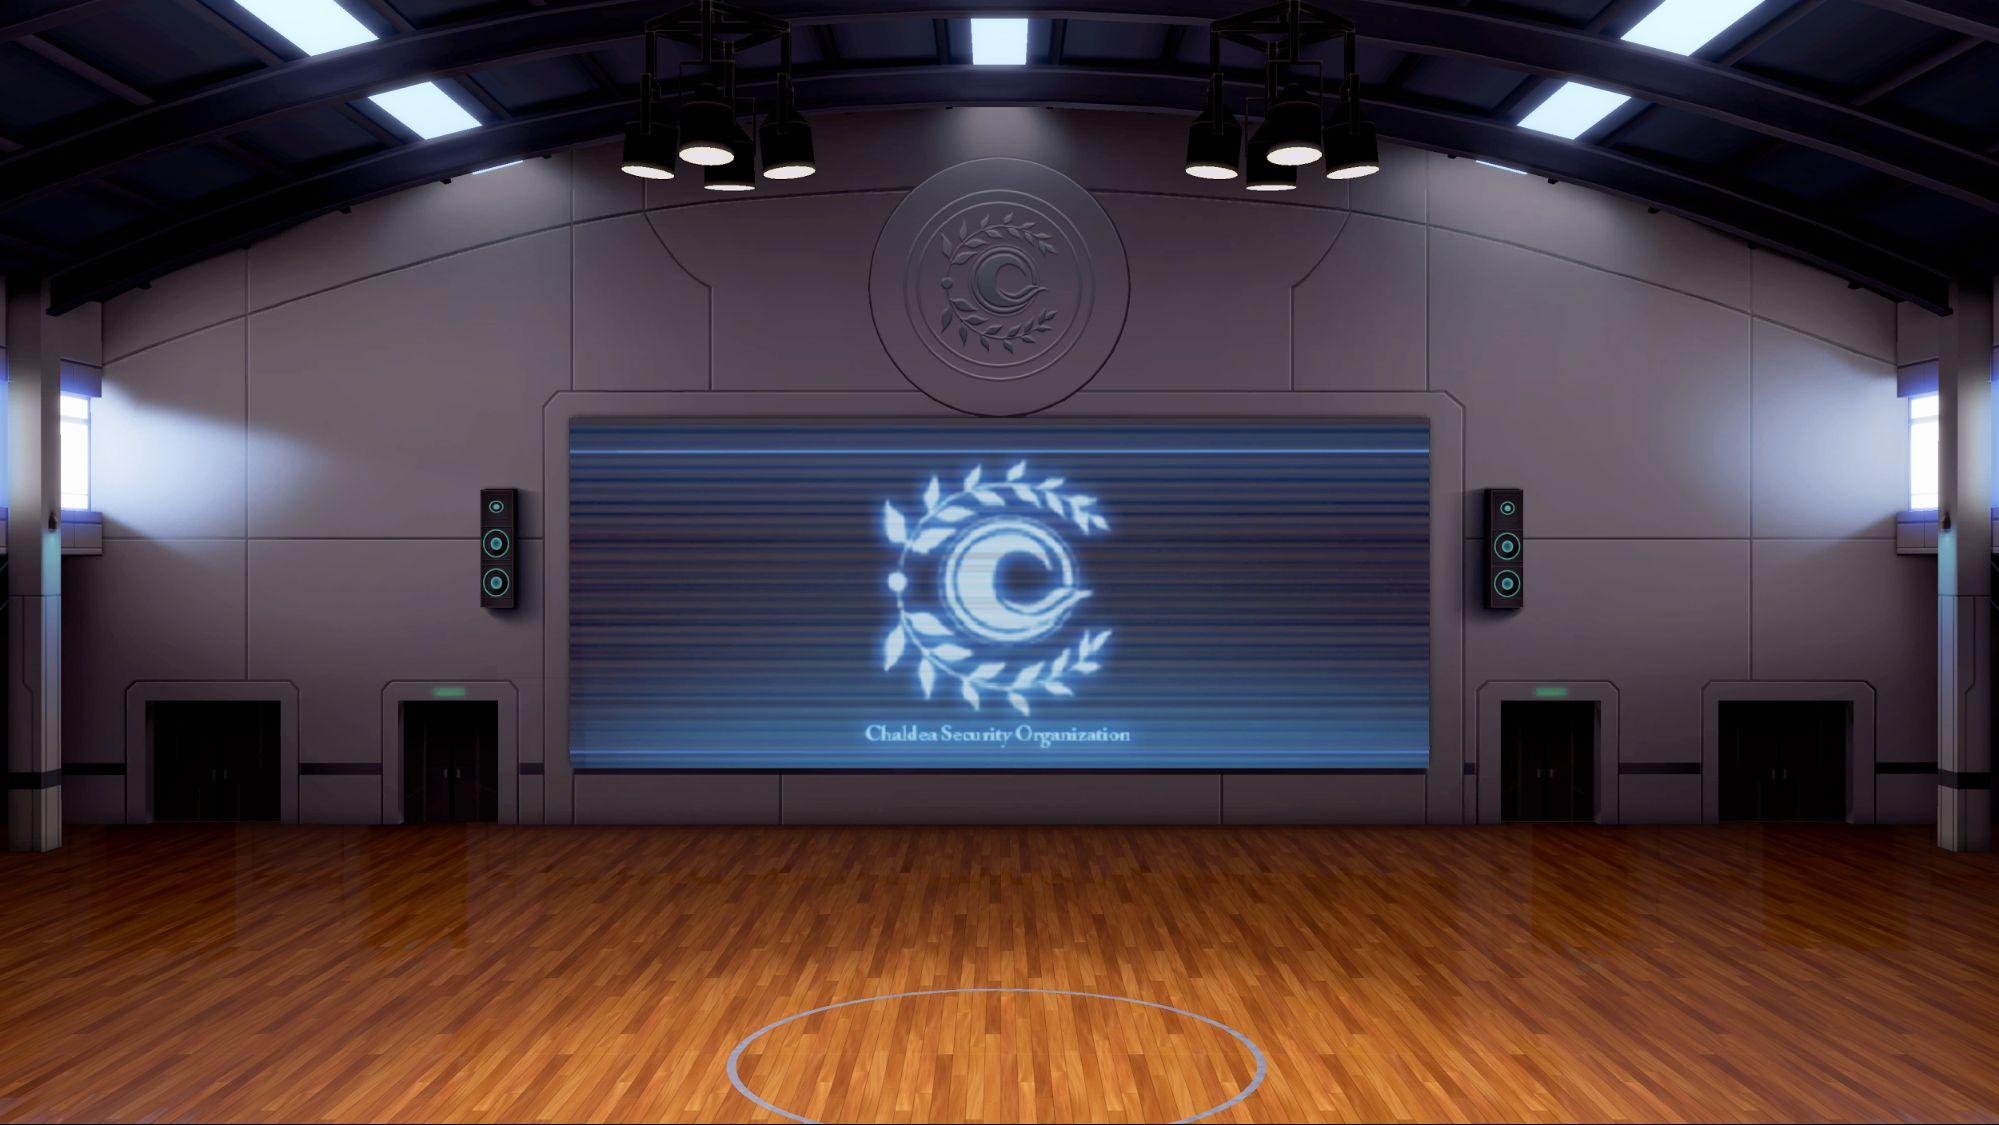 FGO VR, Fate 「FGO VRフューチャリングマシュキリエライト」ゲーム画面公開されるも、若干グラクオリティが心配【PSVR】